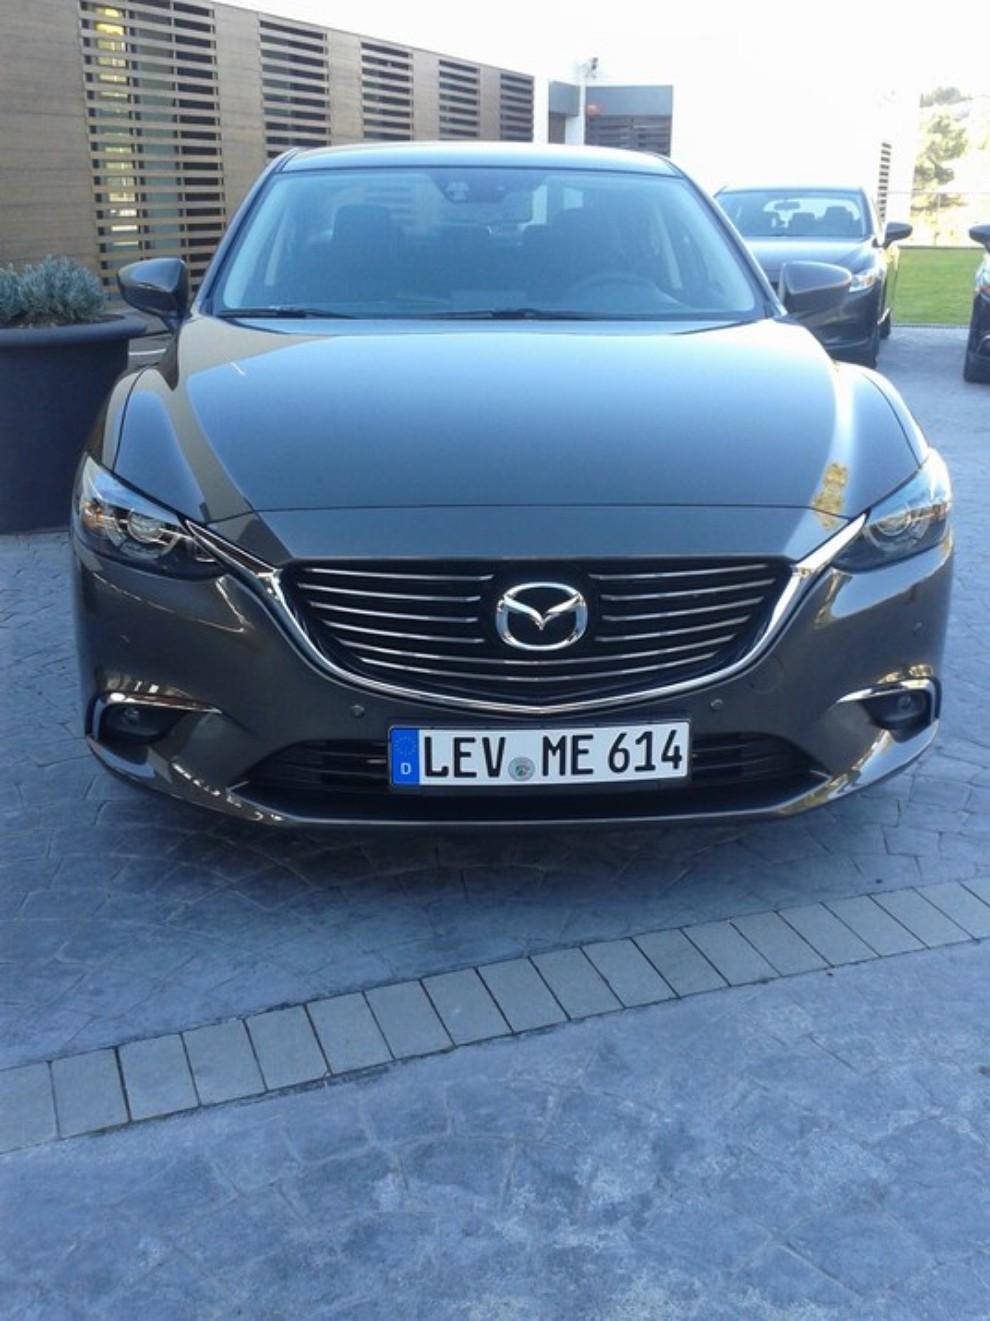 Nuova Mazda6, prova su strada e novità tecniche - Foto 12 di 12